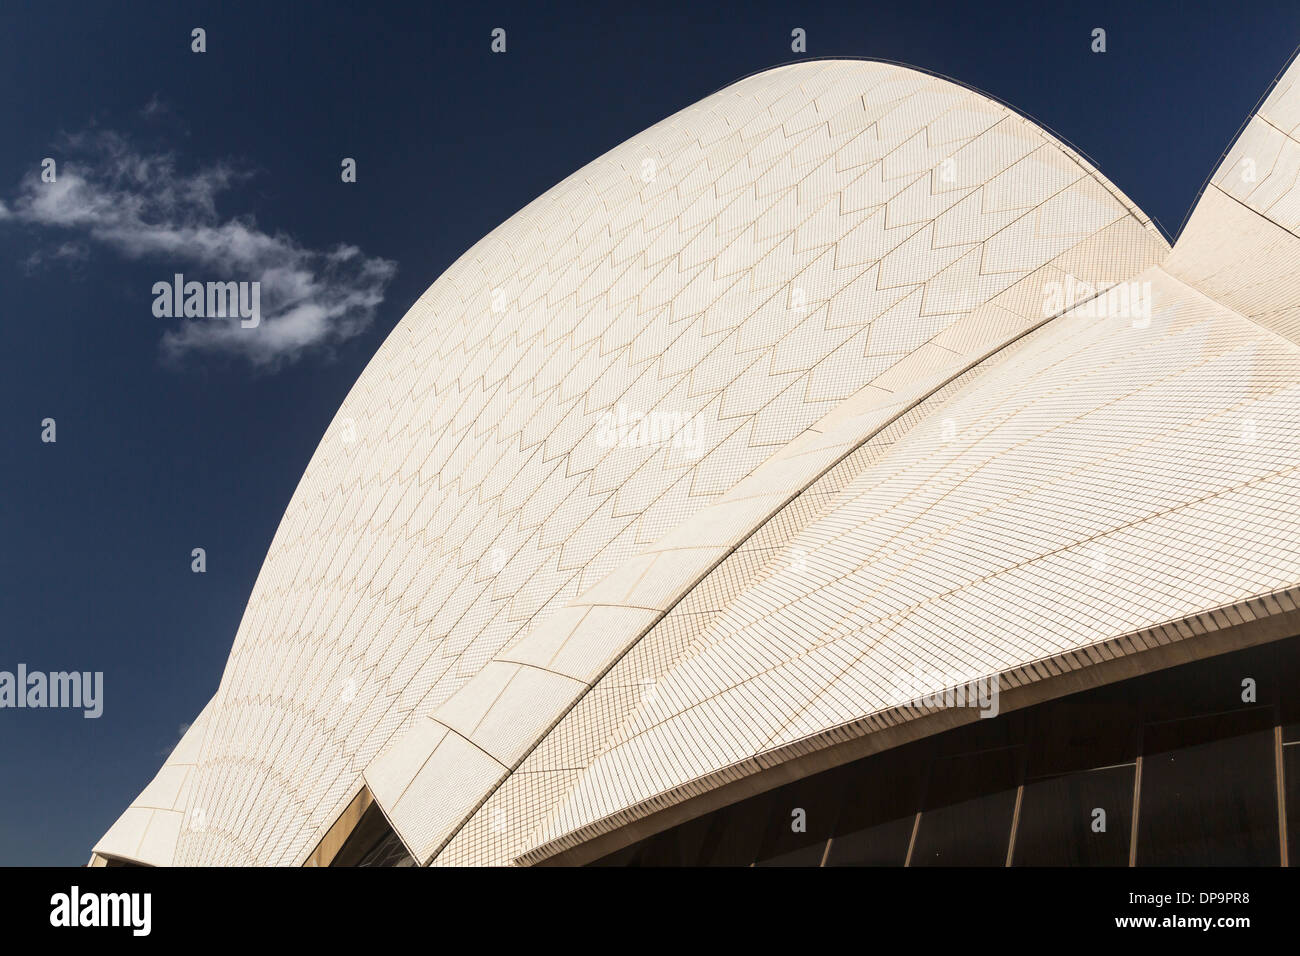 Dettagli architettonici della moderna architettura del tetto della Opera House di Sydney, Australia Immagini Stock